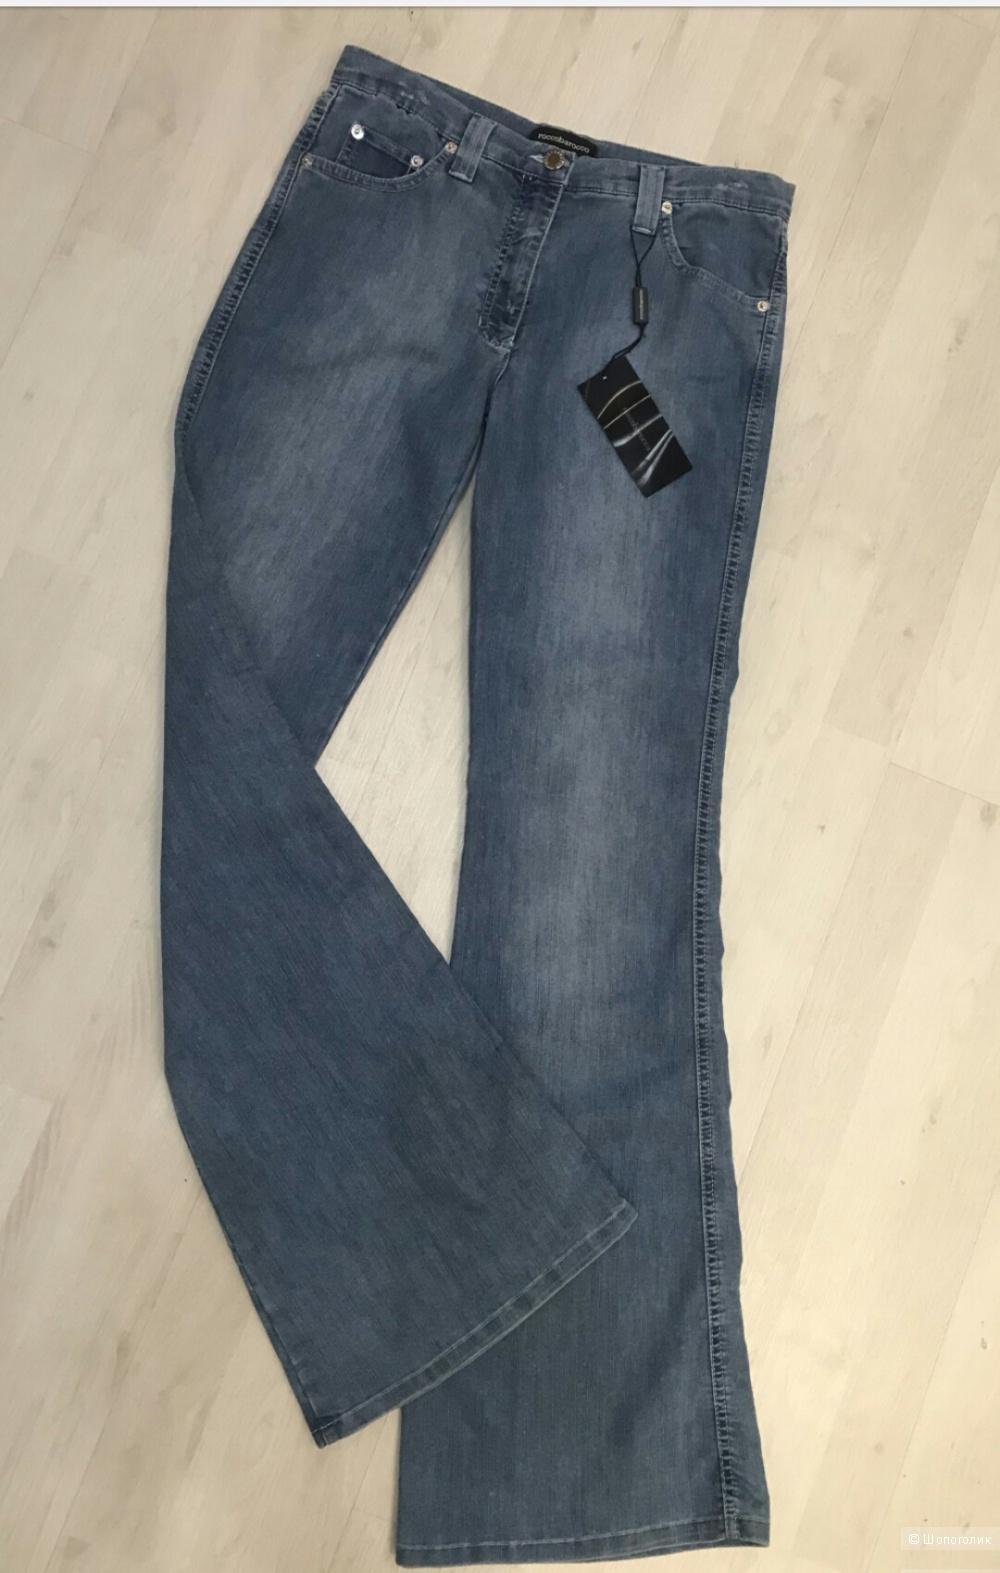 Пальто Mauritius,  джинсы Roccobarocco, р 46-48